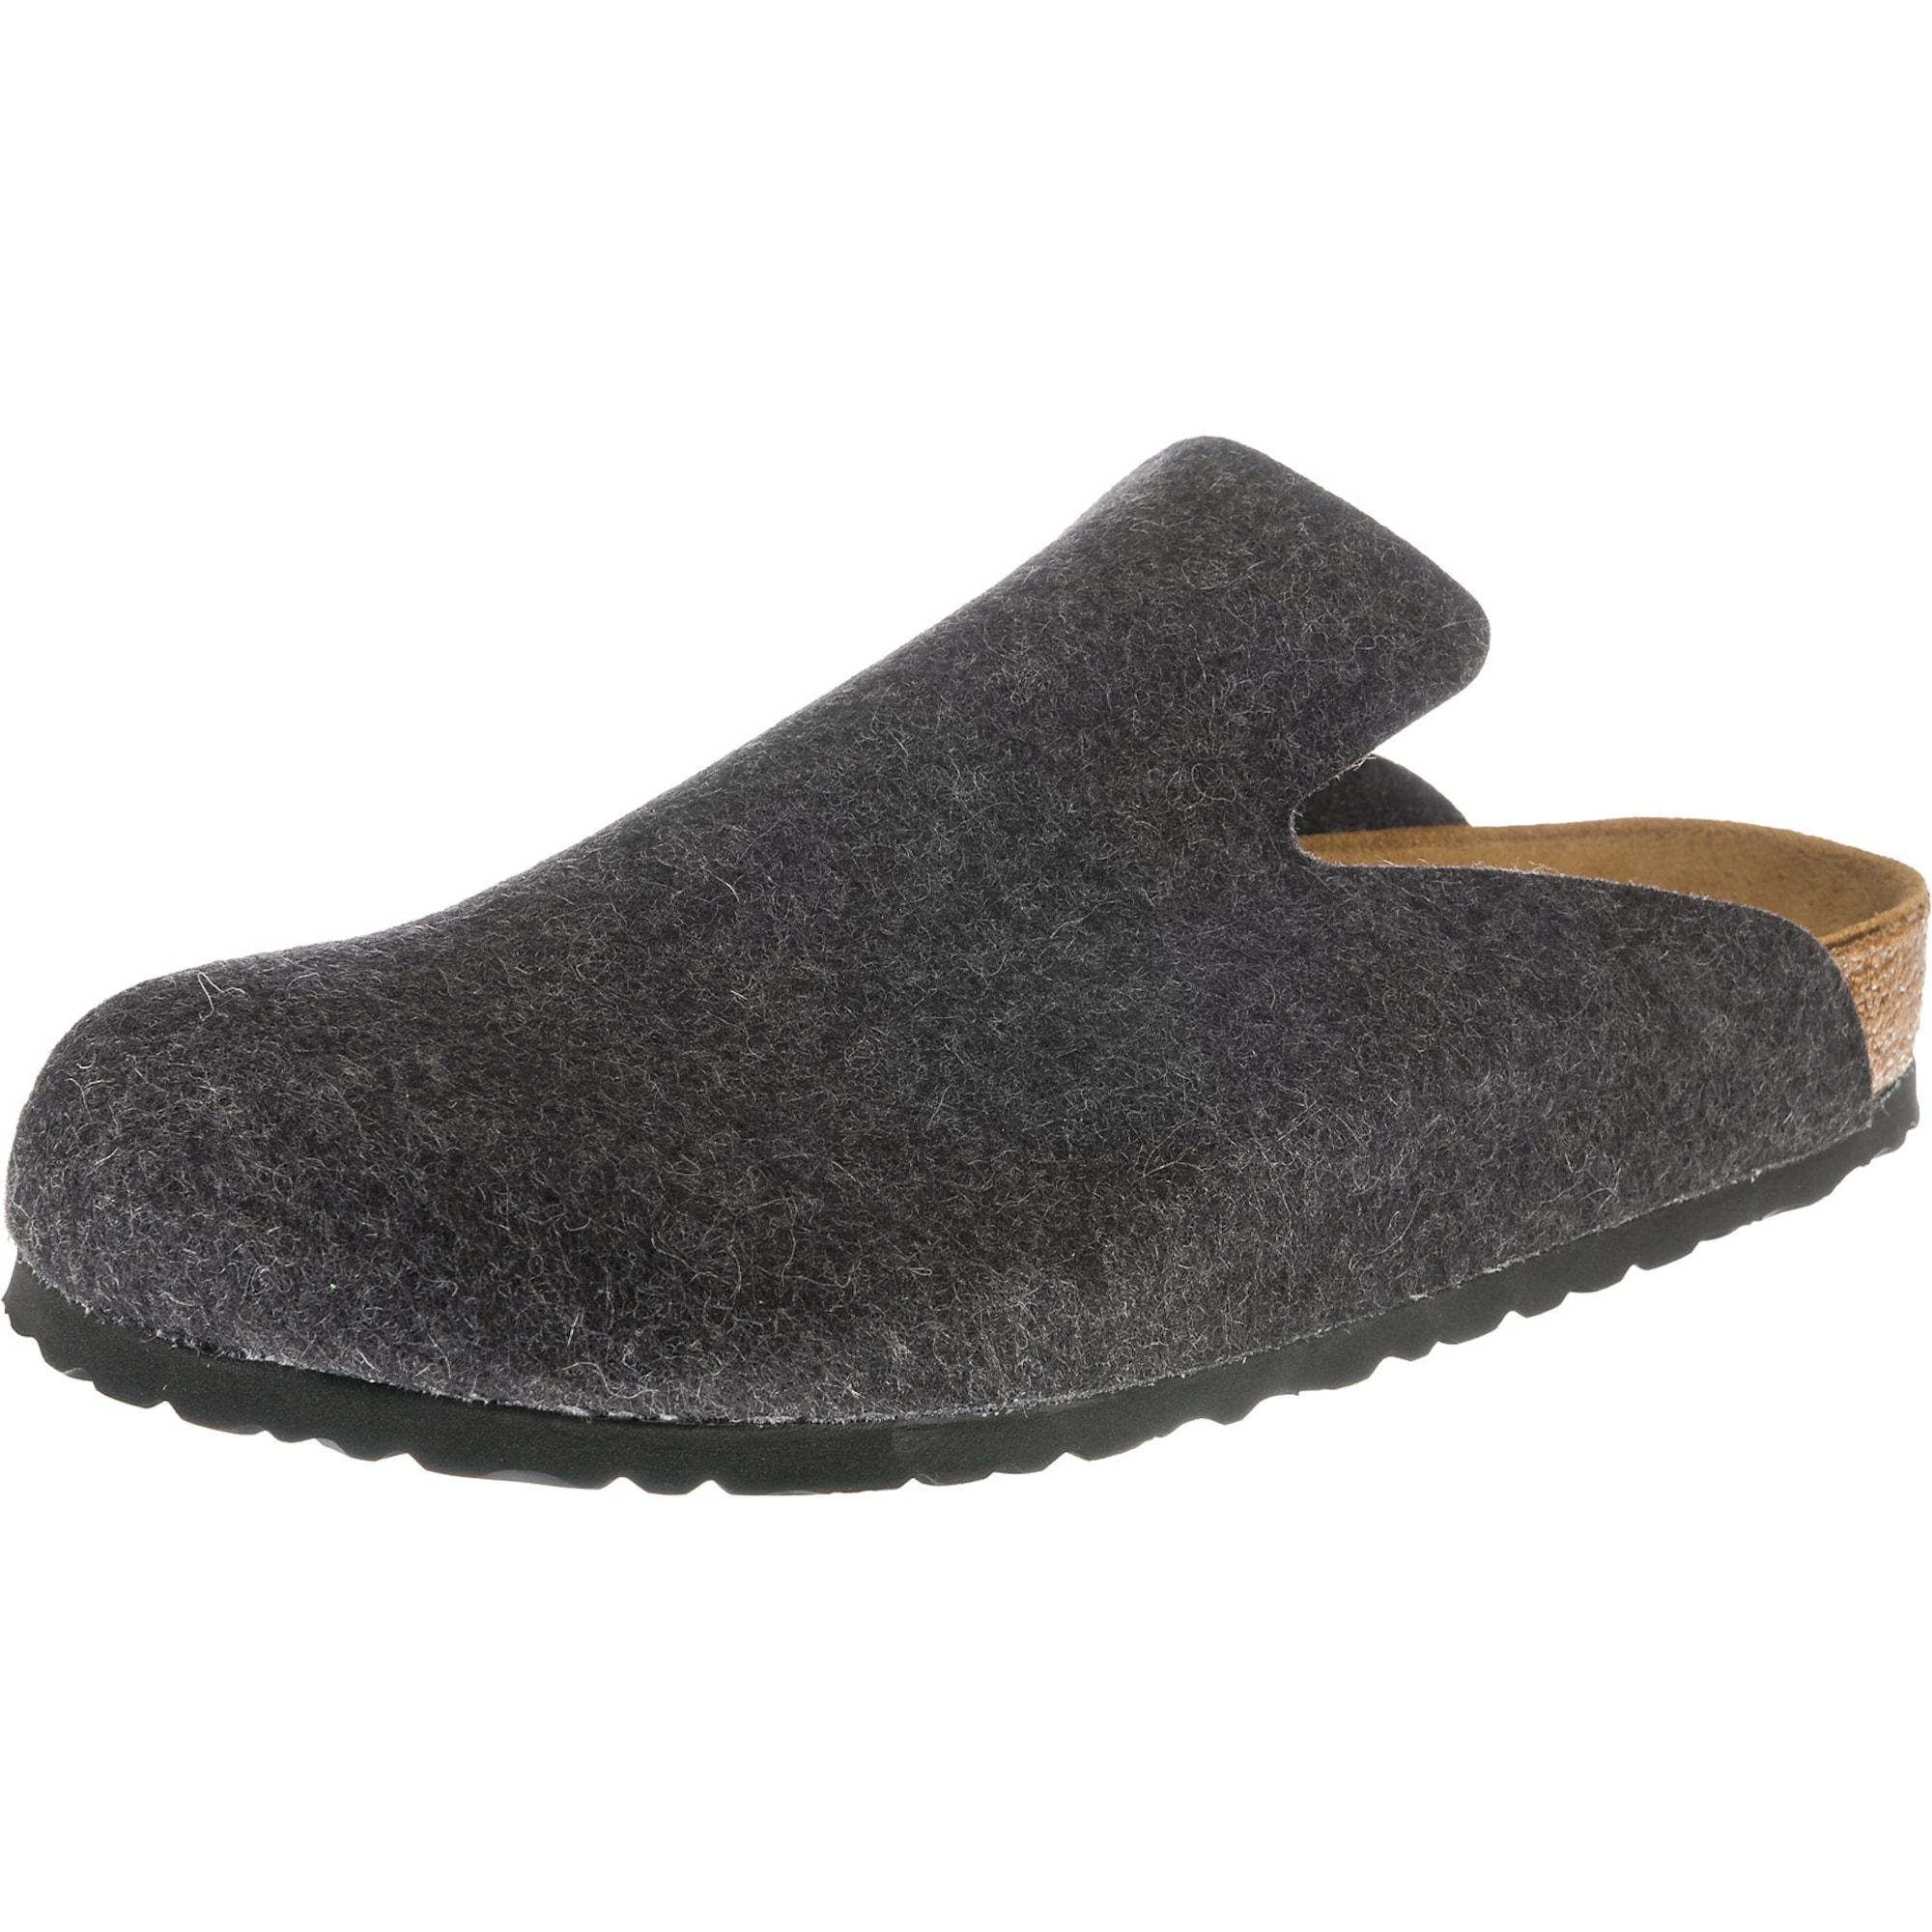 Pantoffeln 'Davos'   Schuhe > Hausschuhe > Pantoffeln   Birkenstock